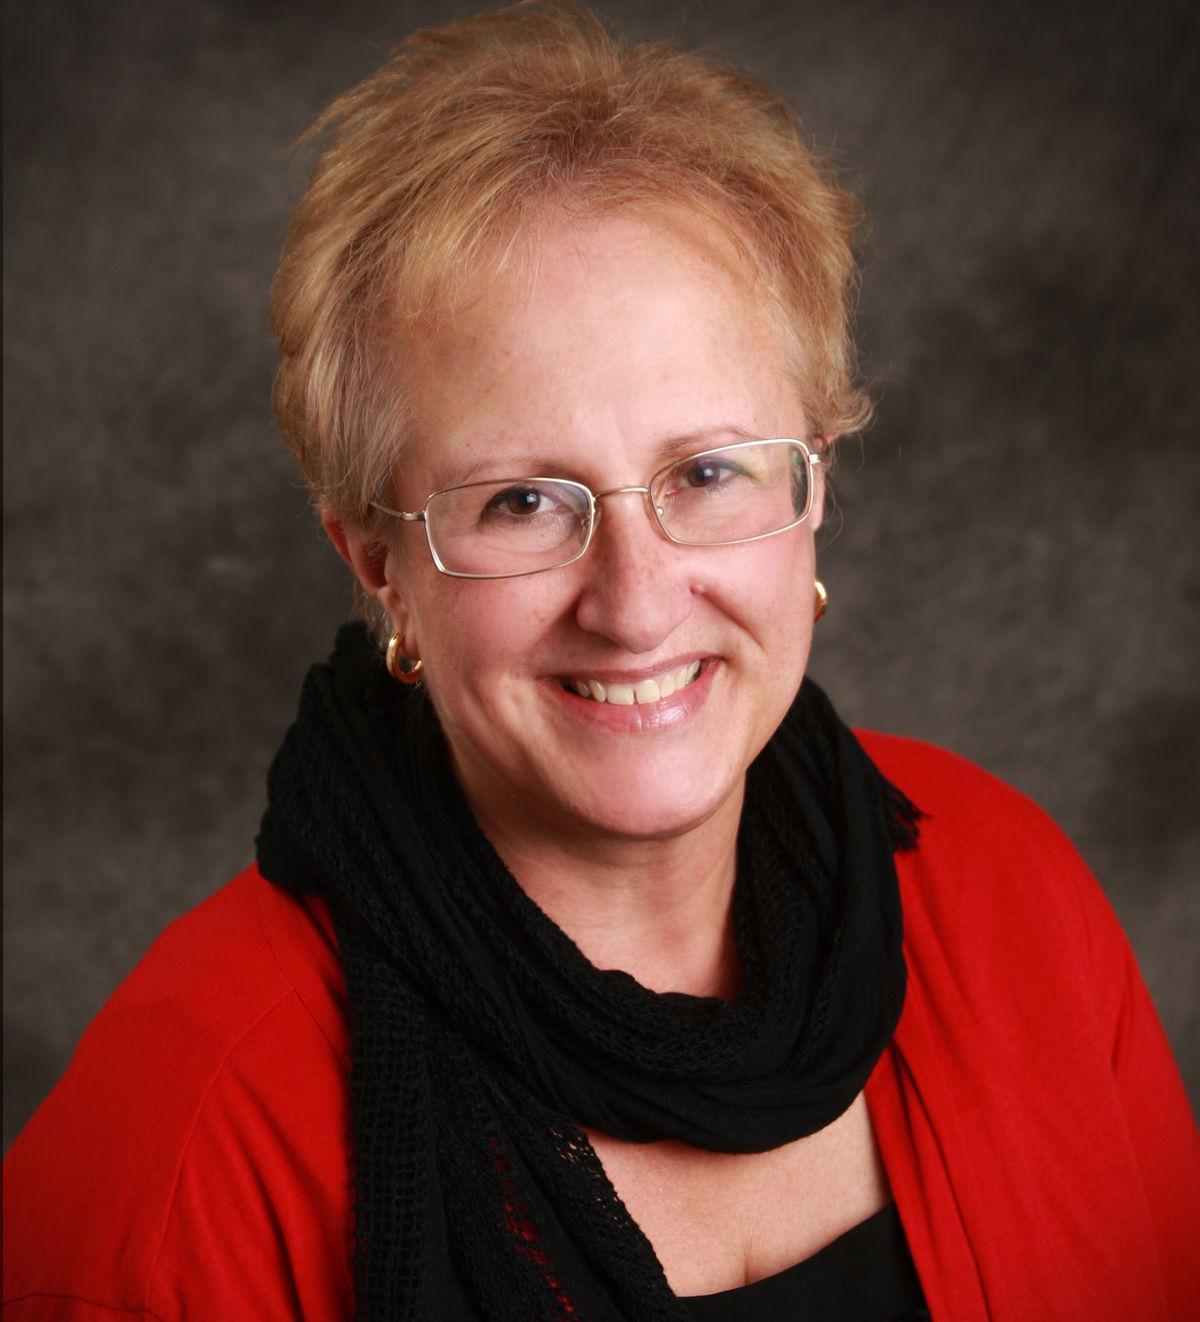 Jennifer Lightbody